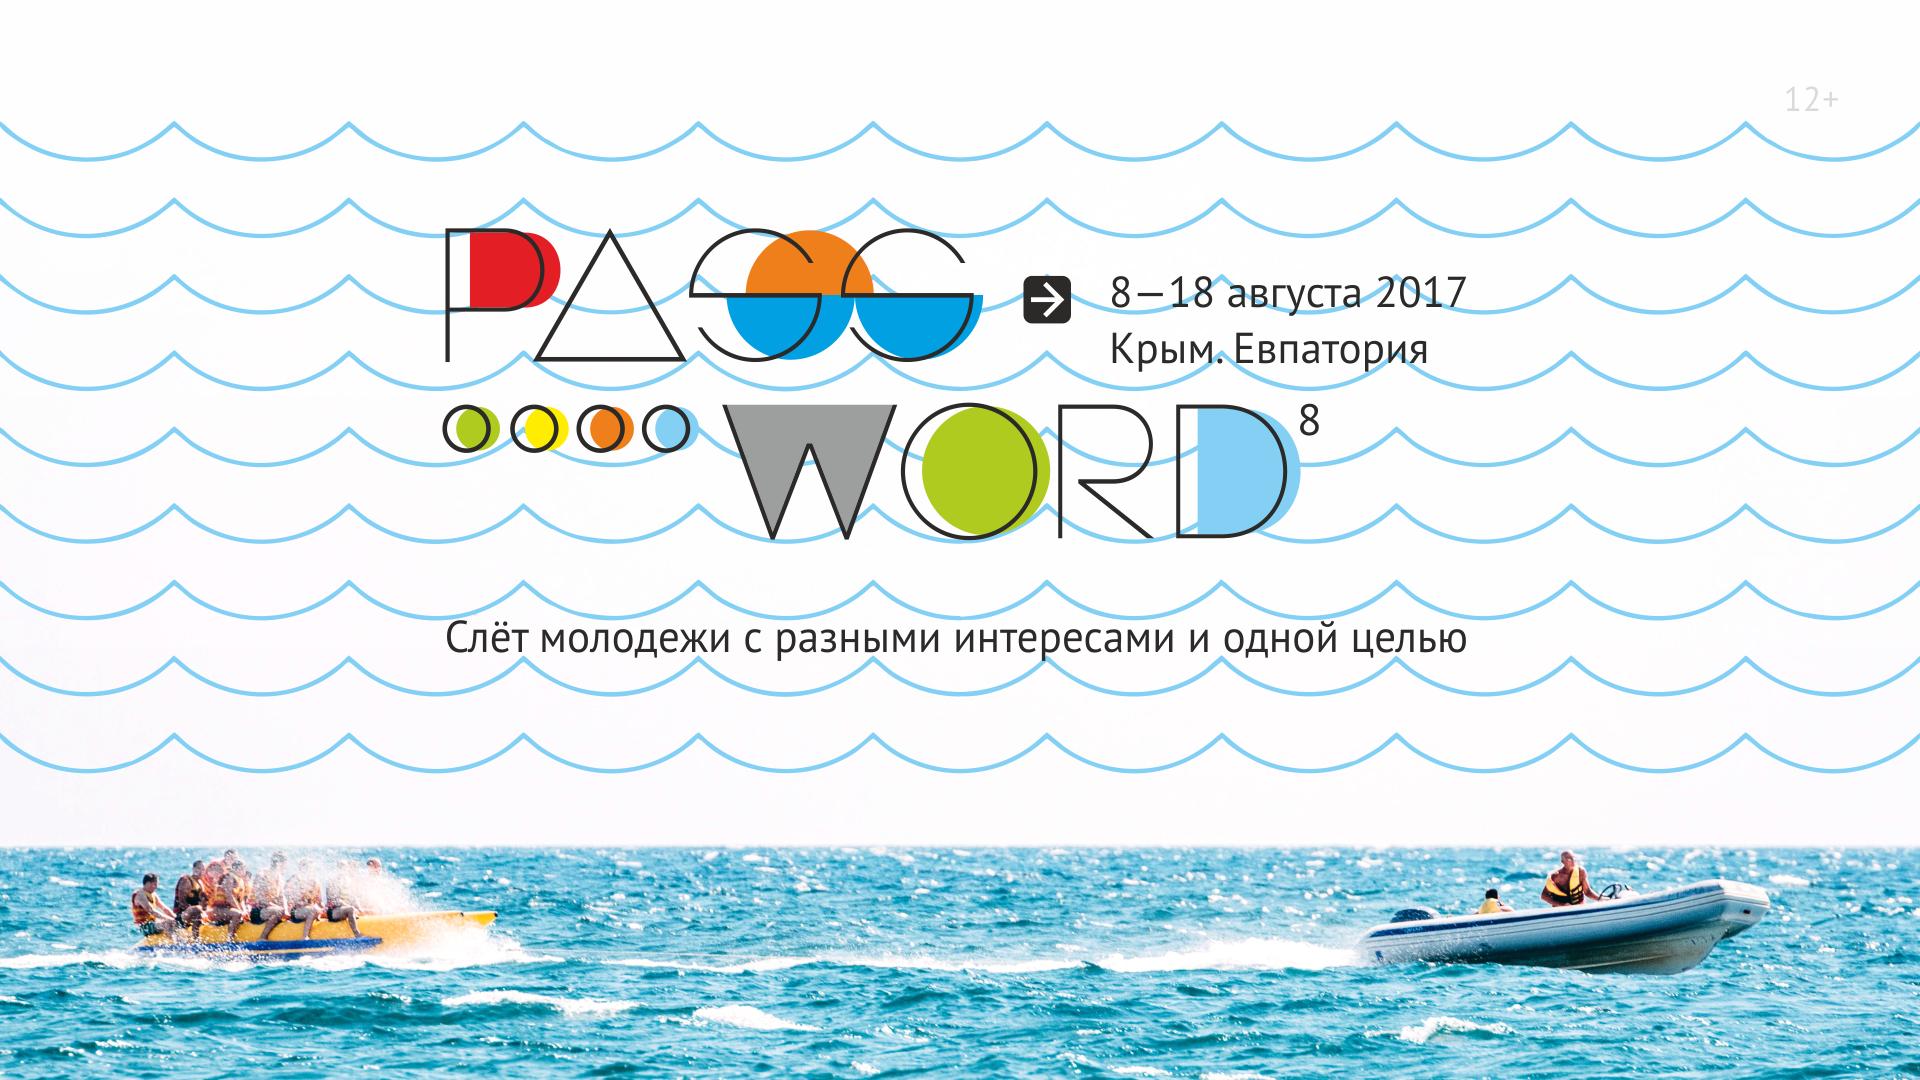 #PASSWORD8 – cлет христианской молодежи с разными интересами и одной целью